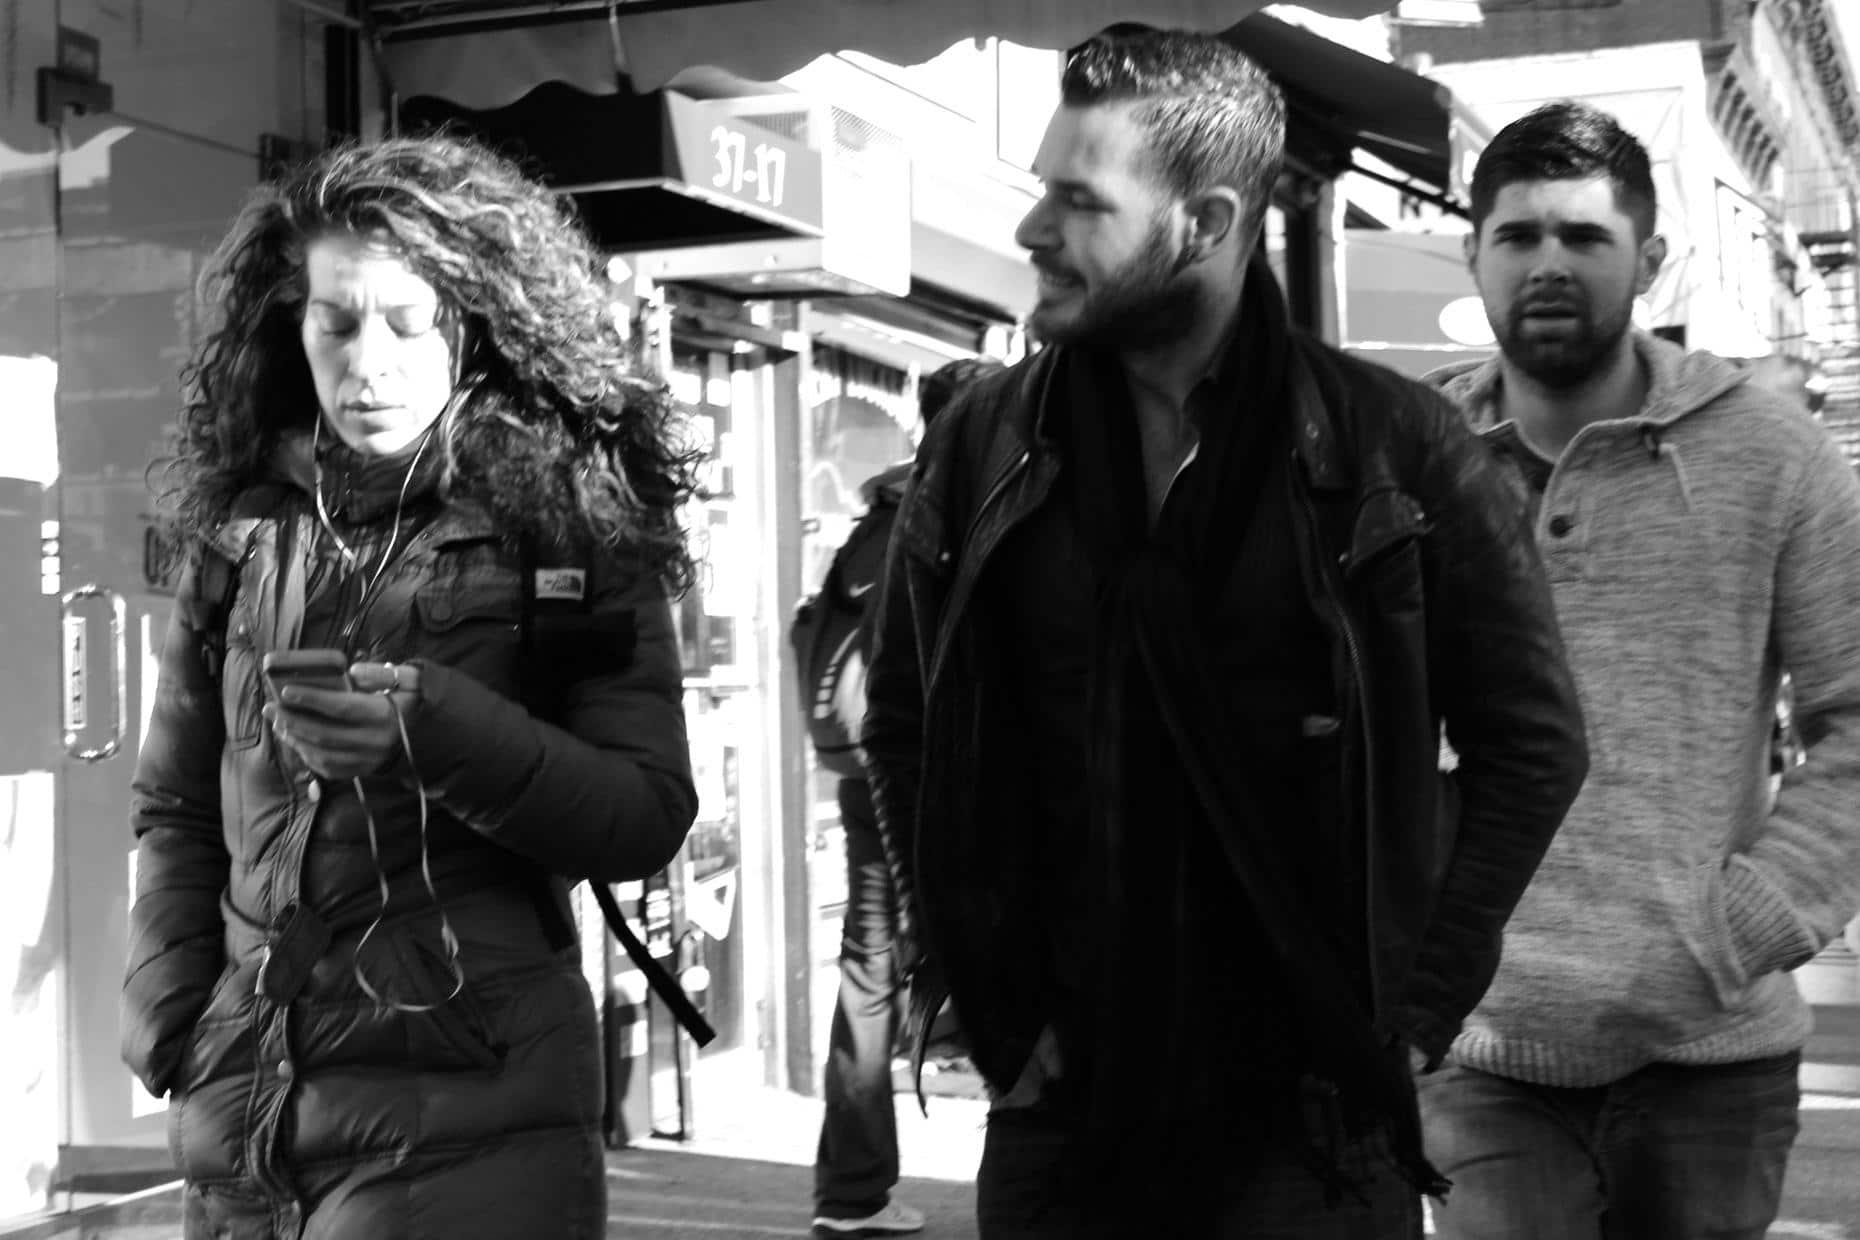 """Il primo uomo indagato per """"catcalling"""" è un militare di Milano: aveva rivolto alcuni apprezzamenti ad una ragazza e ora rischia l'arresto"""